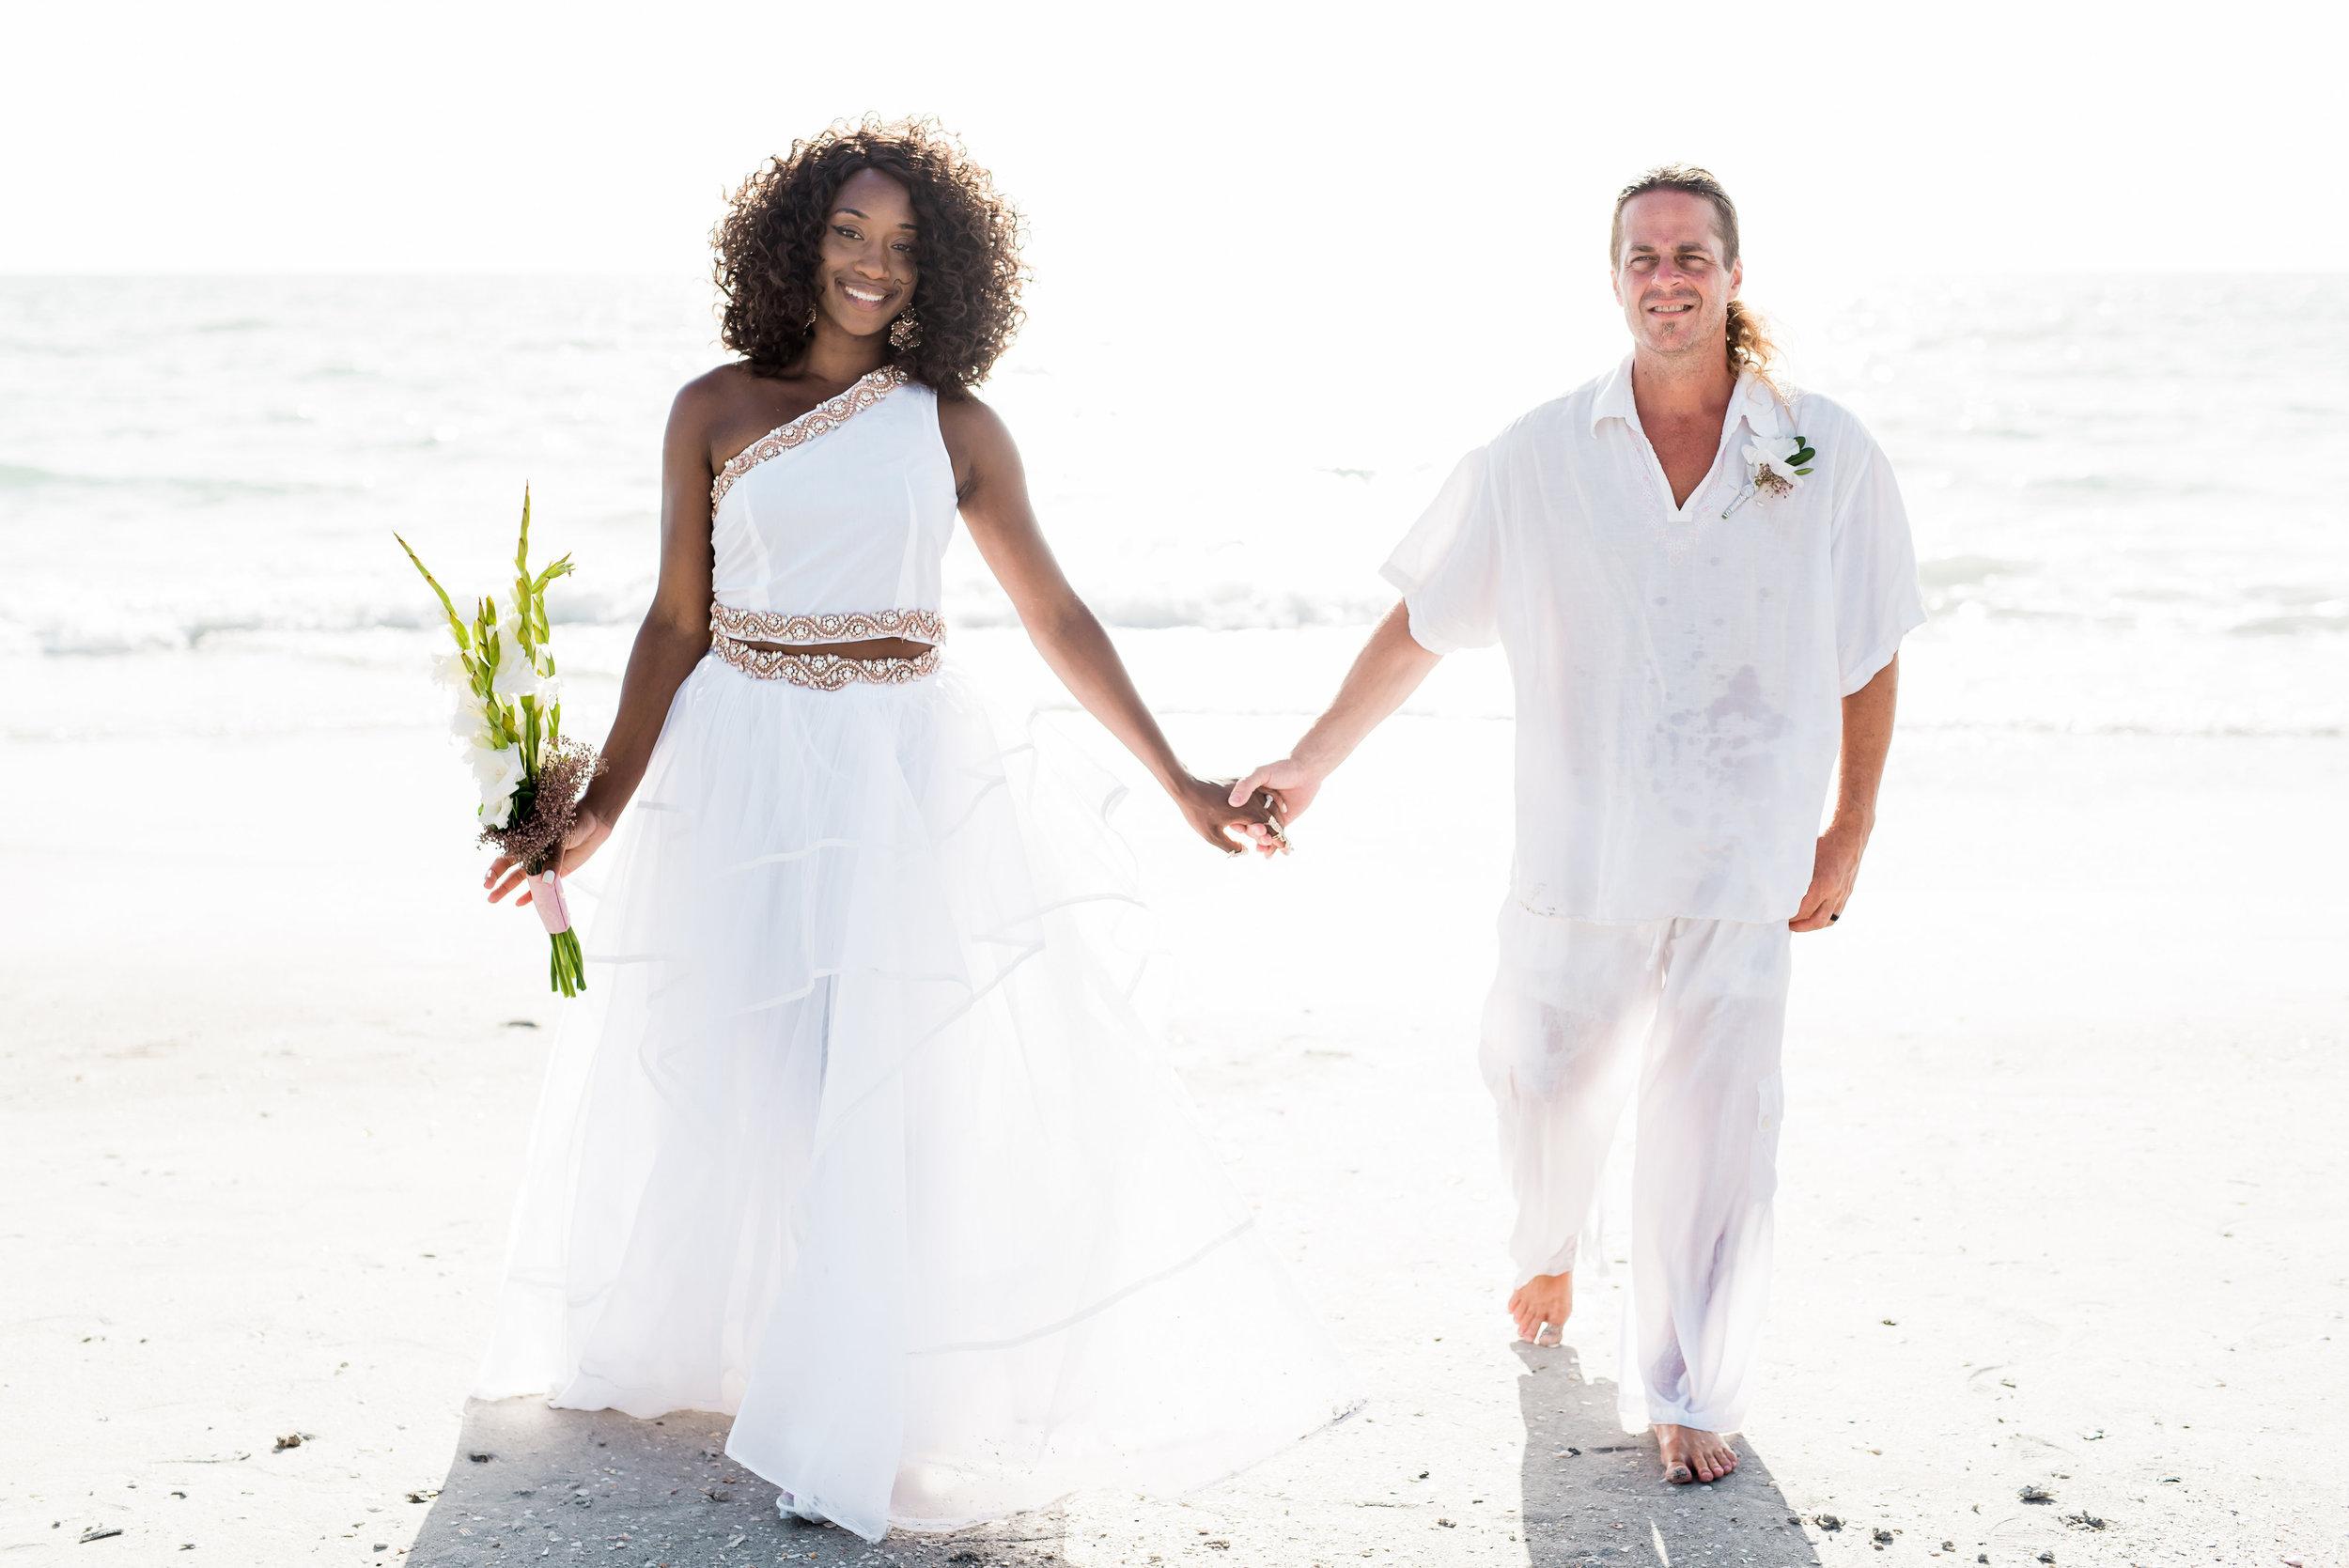 WEDDING INDIAN ROCKS BEACH FL MAY 28 2017-WEDDING-0145.jpg